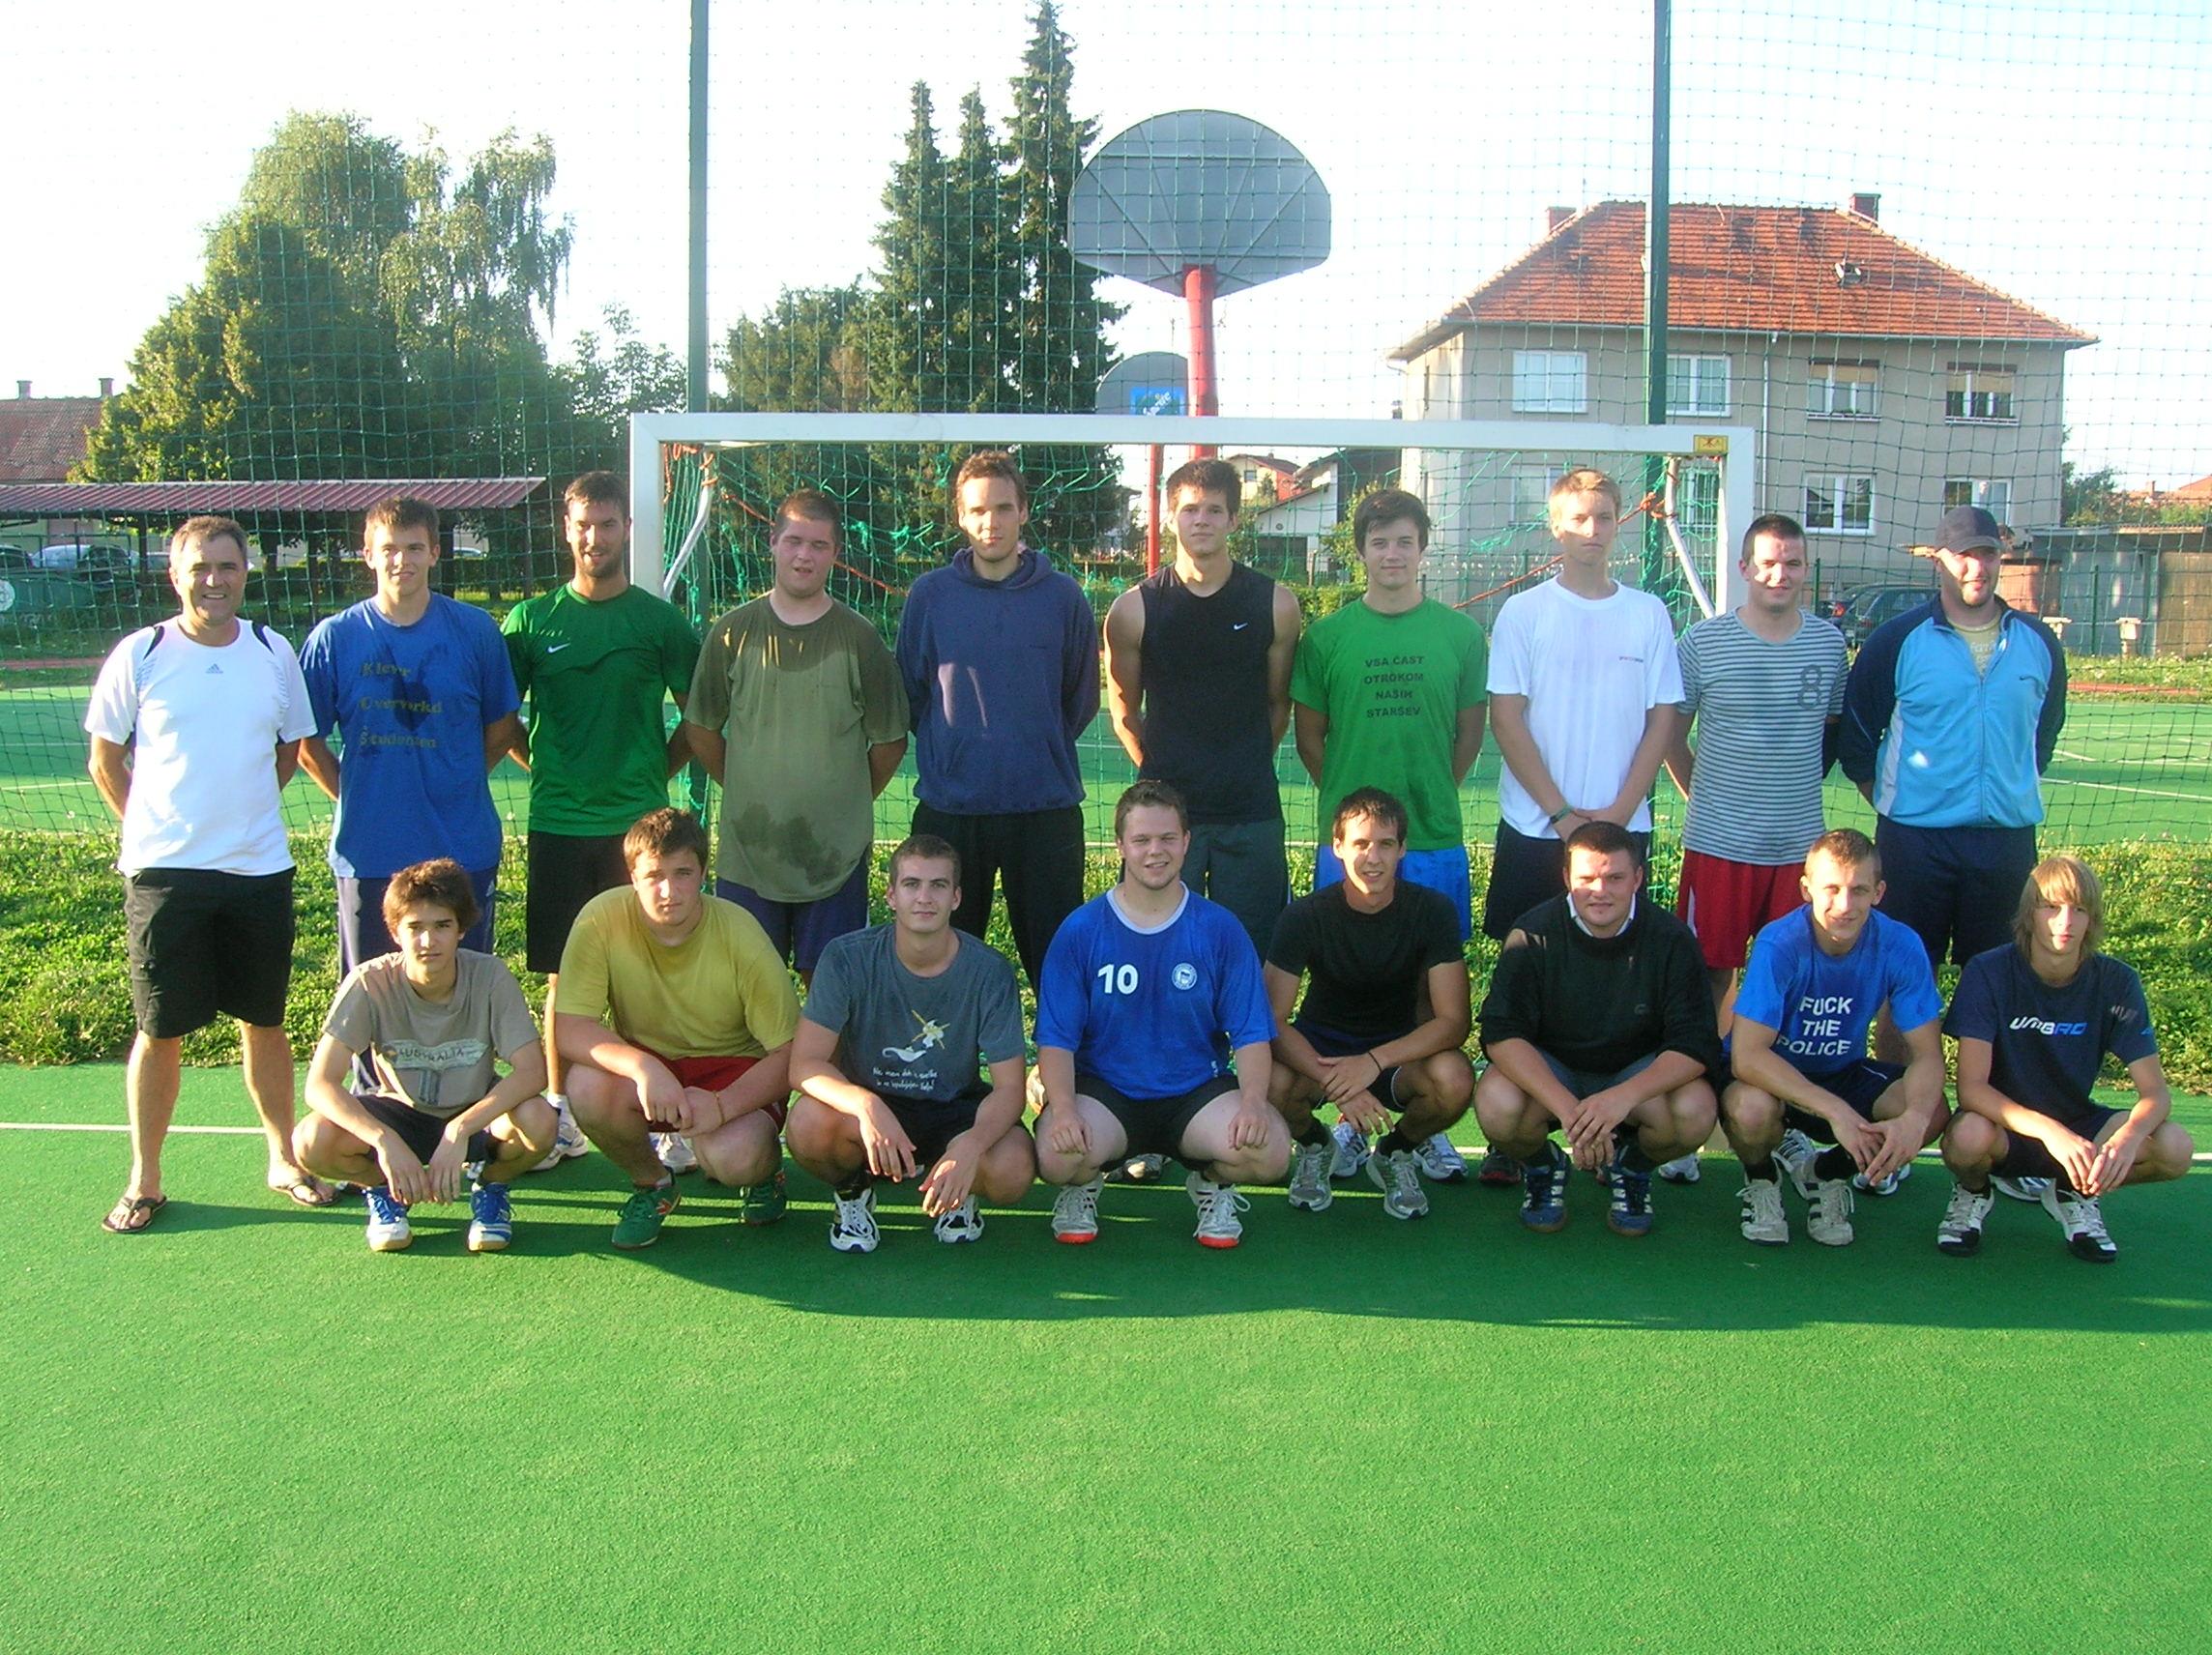 Začetek priprav 2011/2012